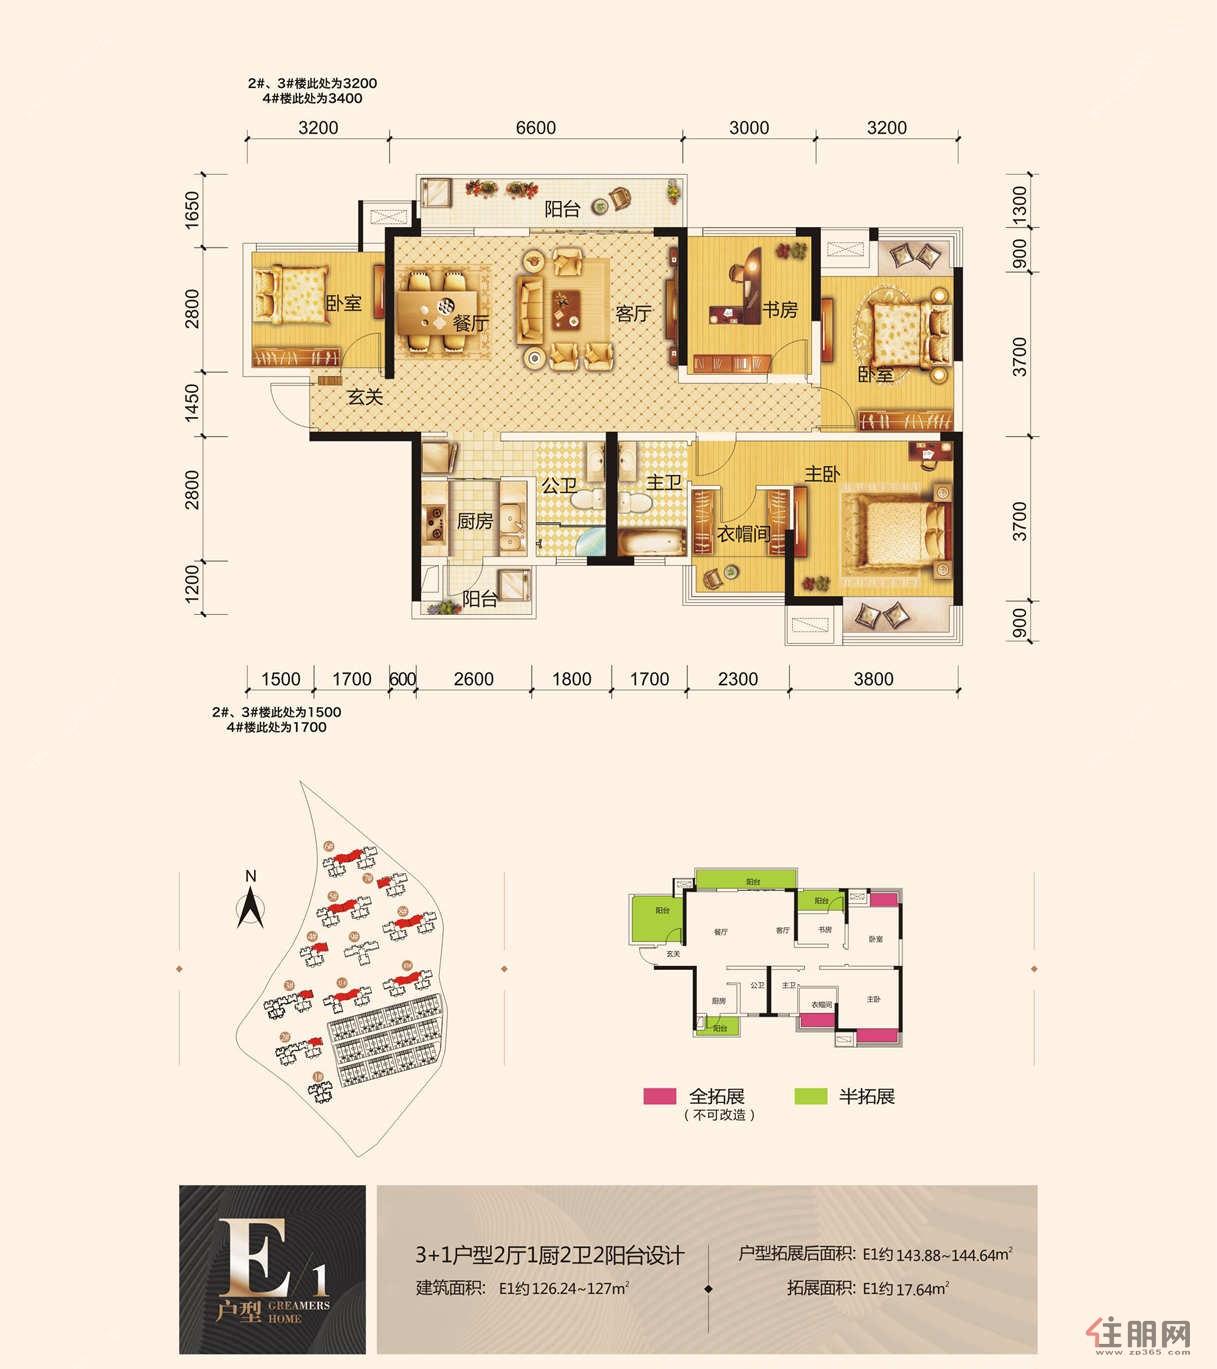 中海国际社区:户型图